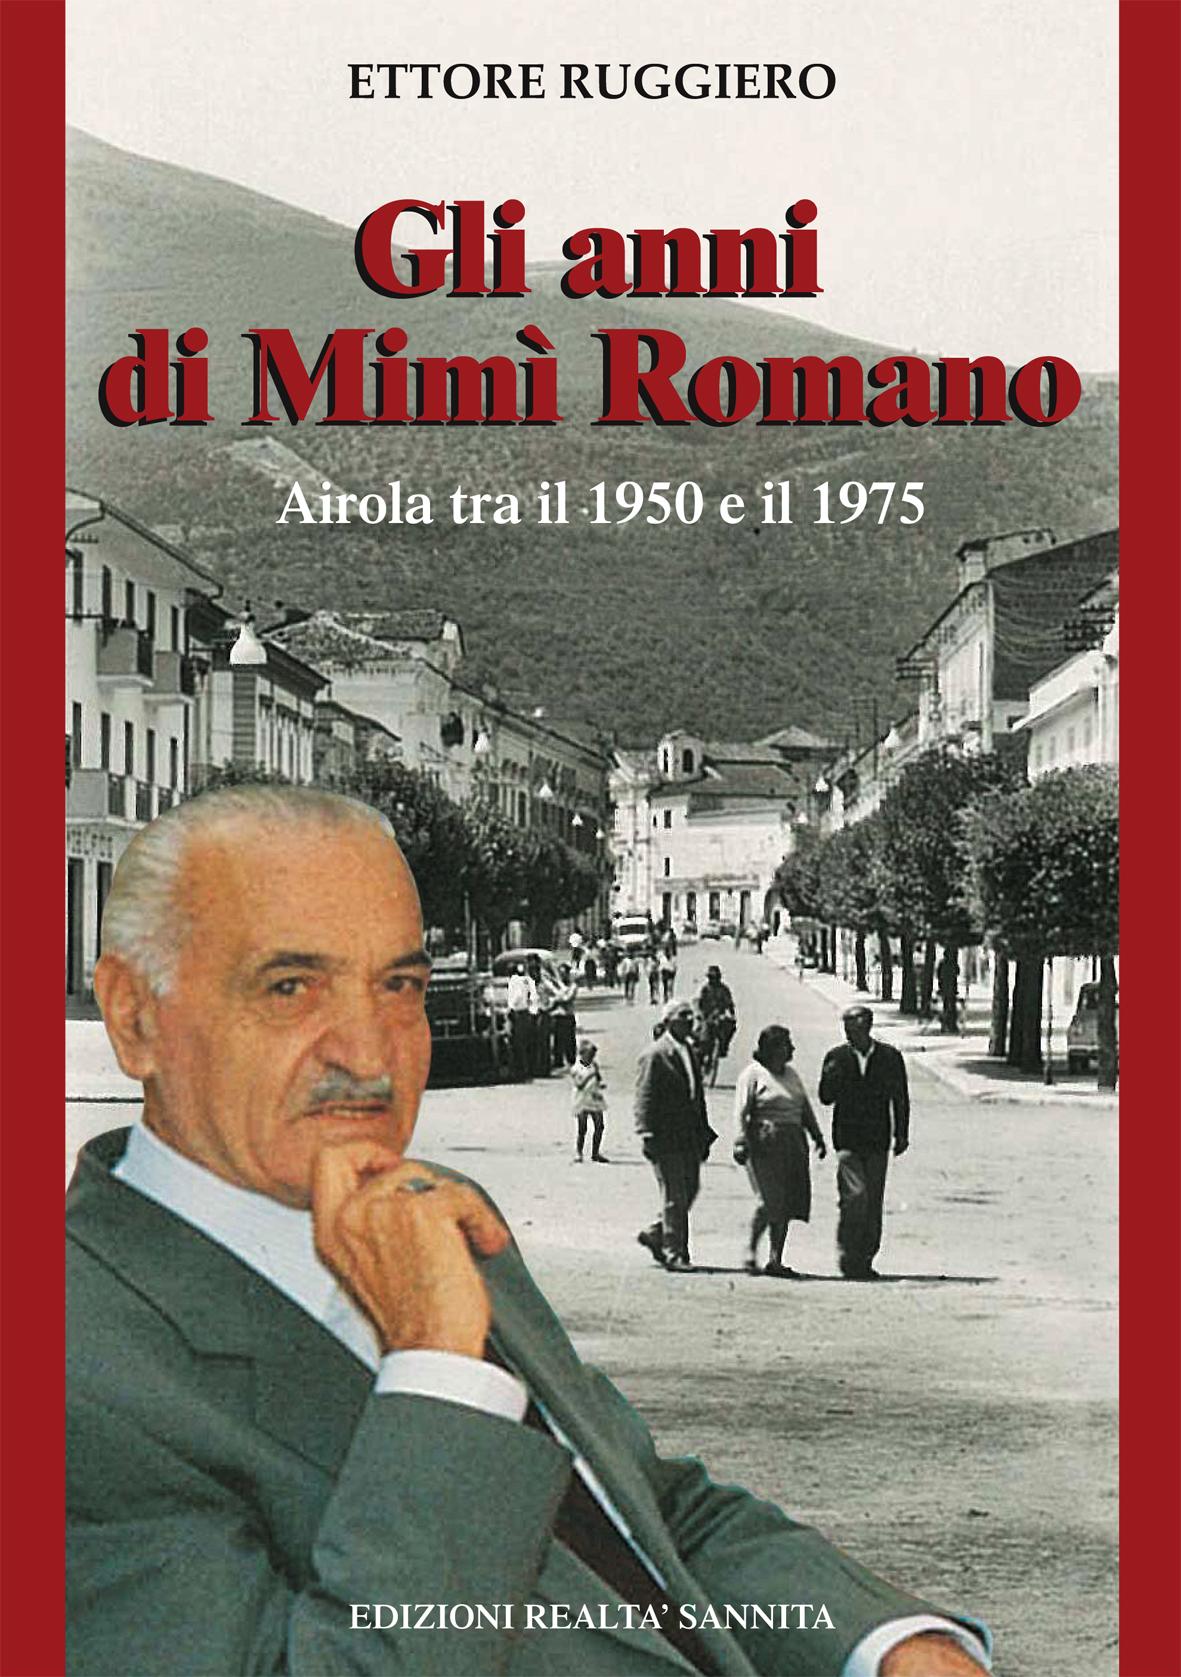 Le Edizioni Realtà Sannita presentano il libro 'Gli anni di Mimì Romano. Airola tra il 1950 e il 1975' di Ettore Ruggiero